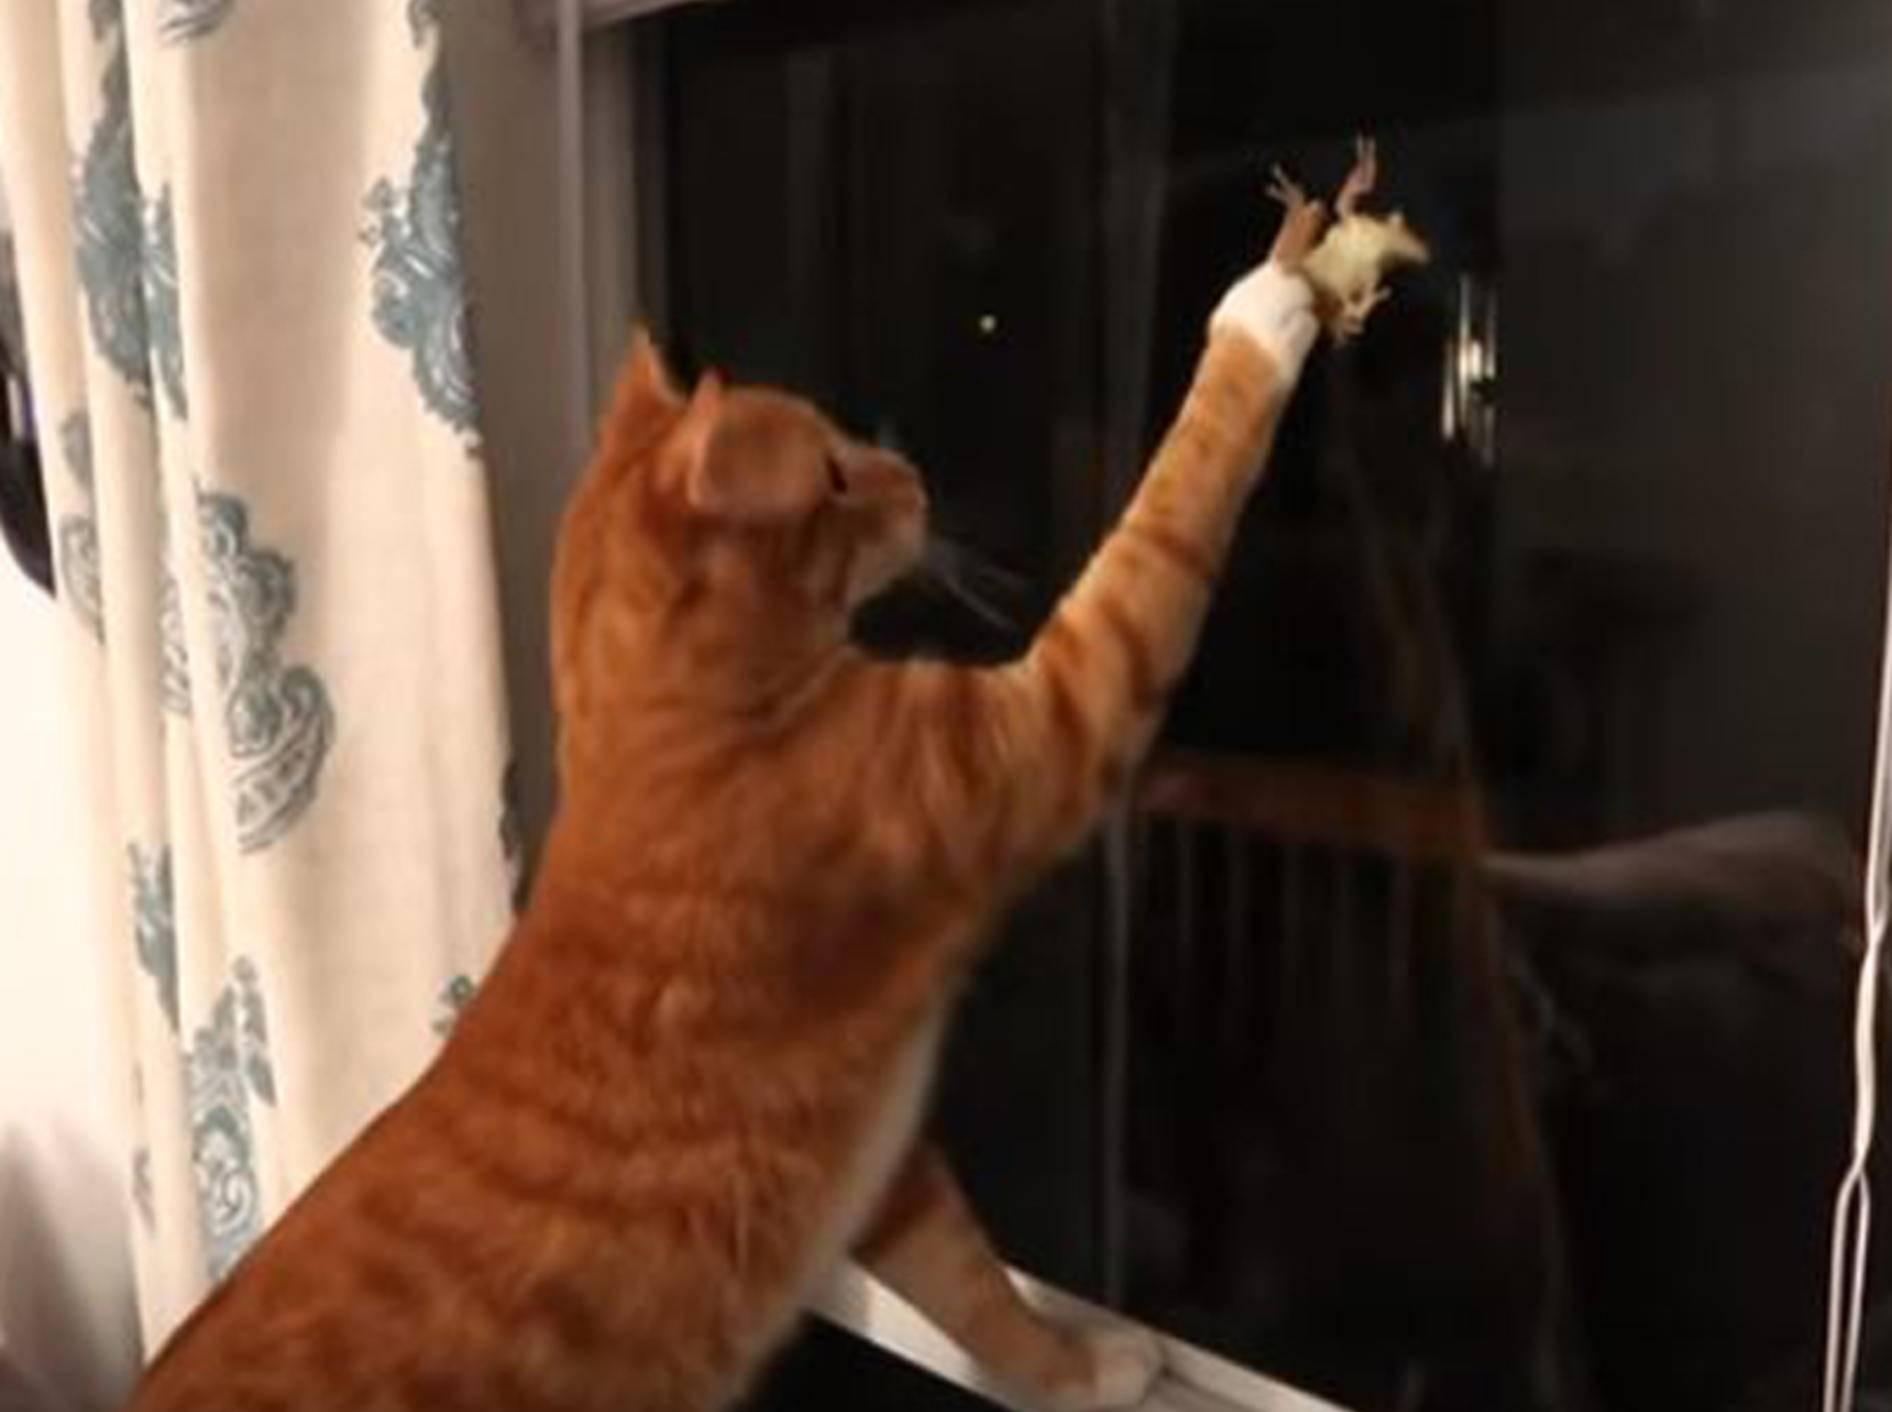 Marmelade hat es auf einen Frosch auf der Fensterscheibe abgesehen - Bild: YouTube / Cole and Marmelade